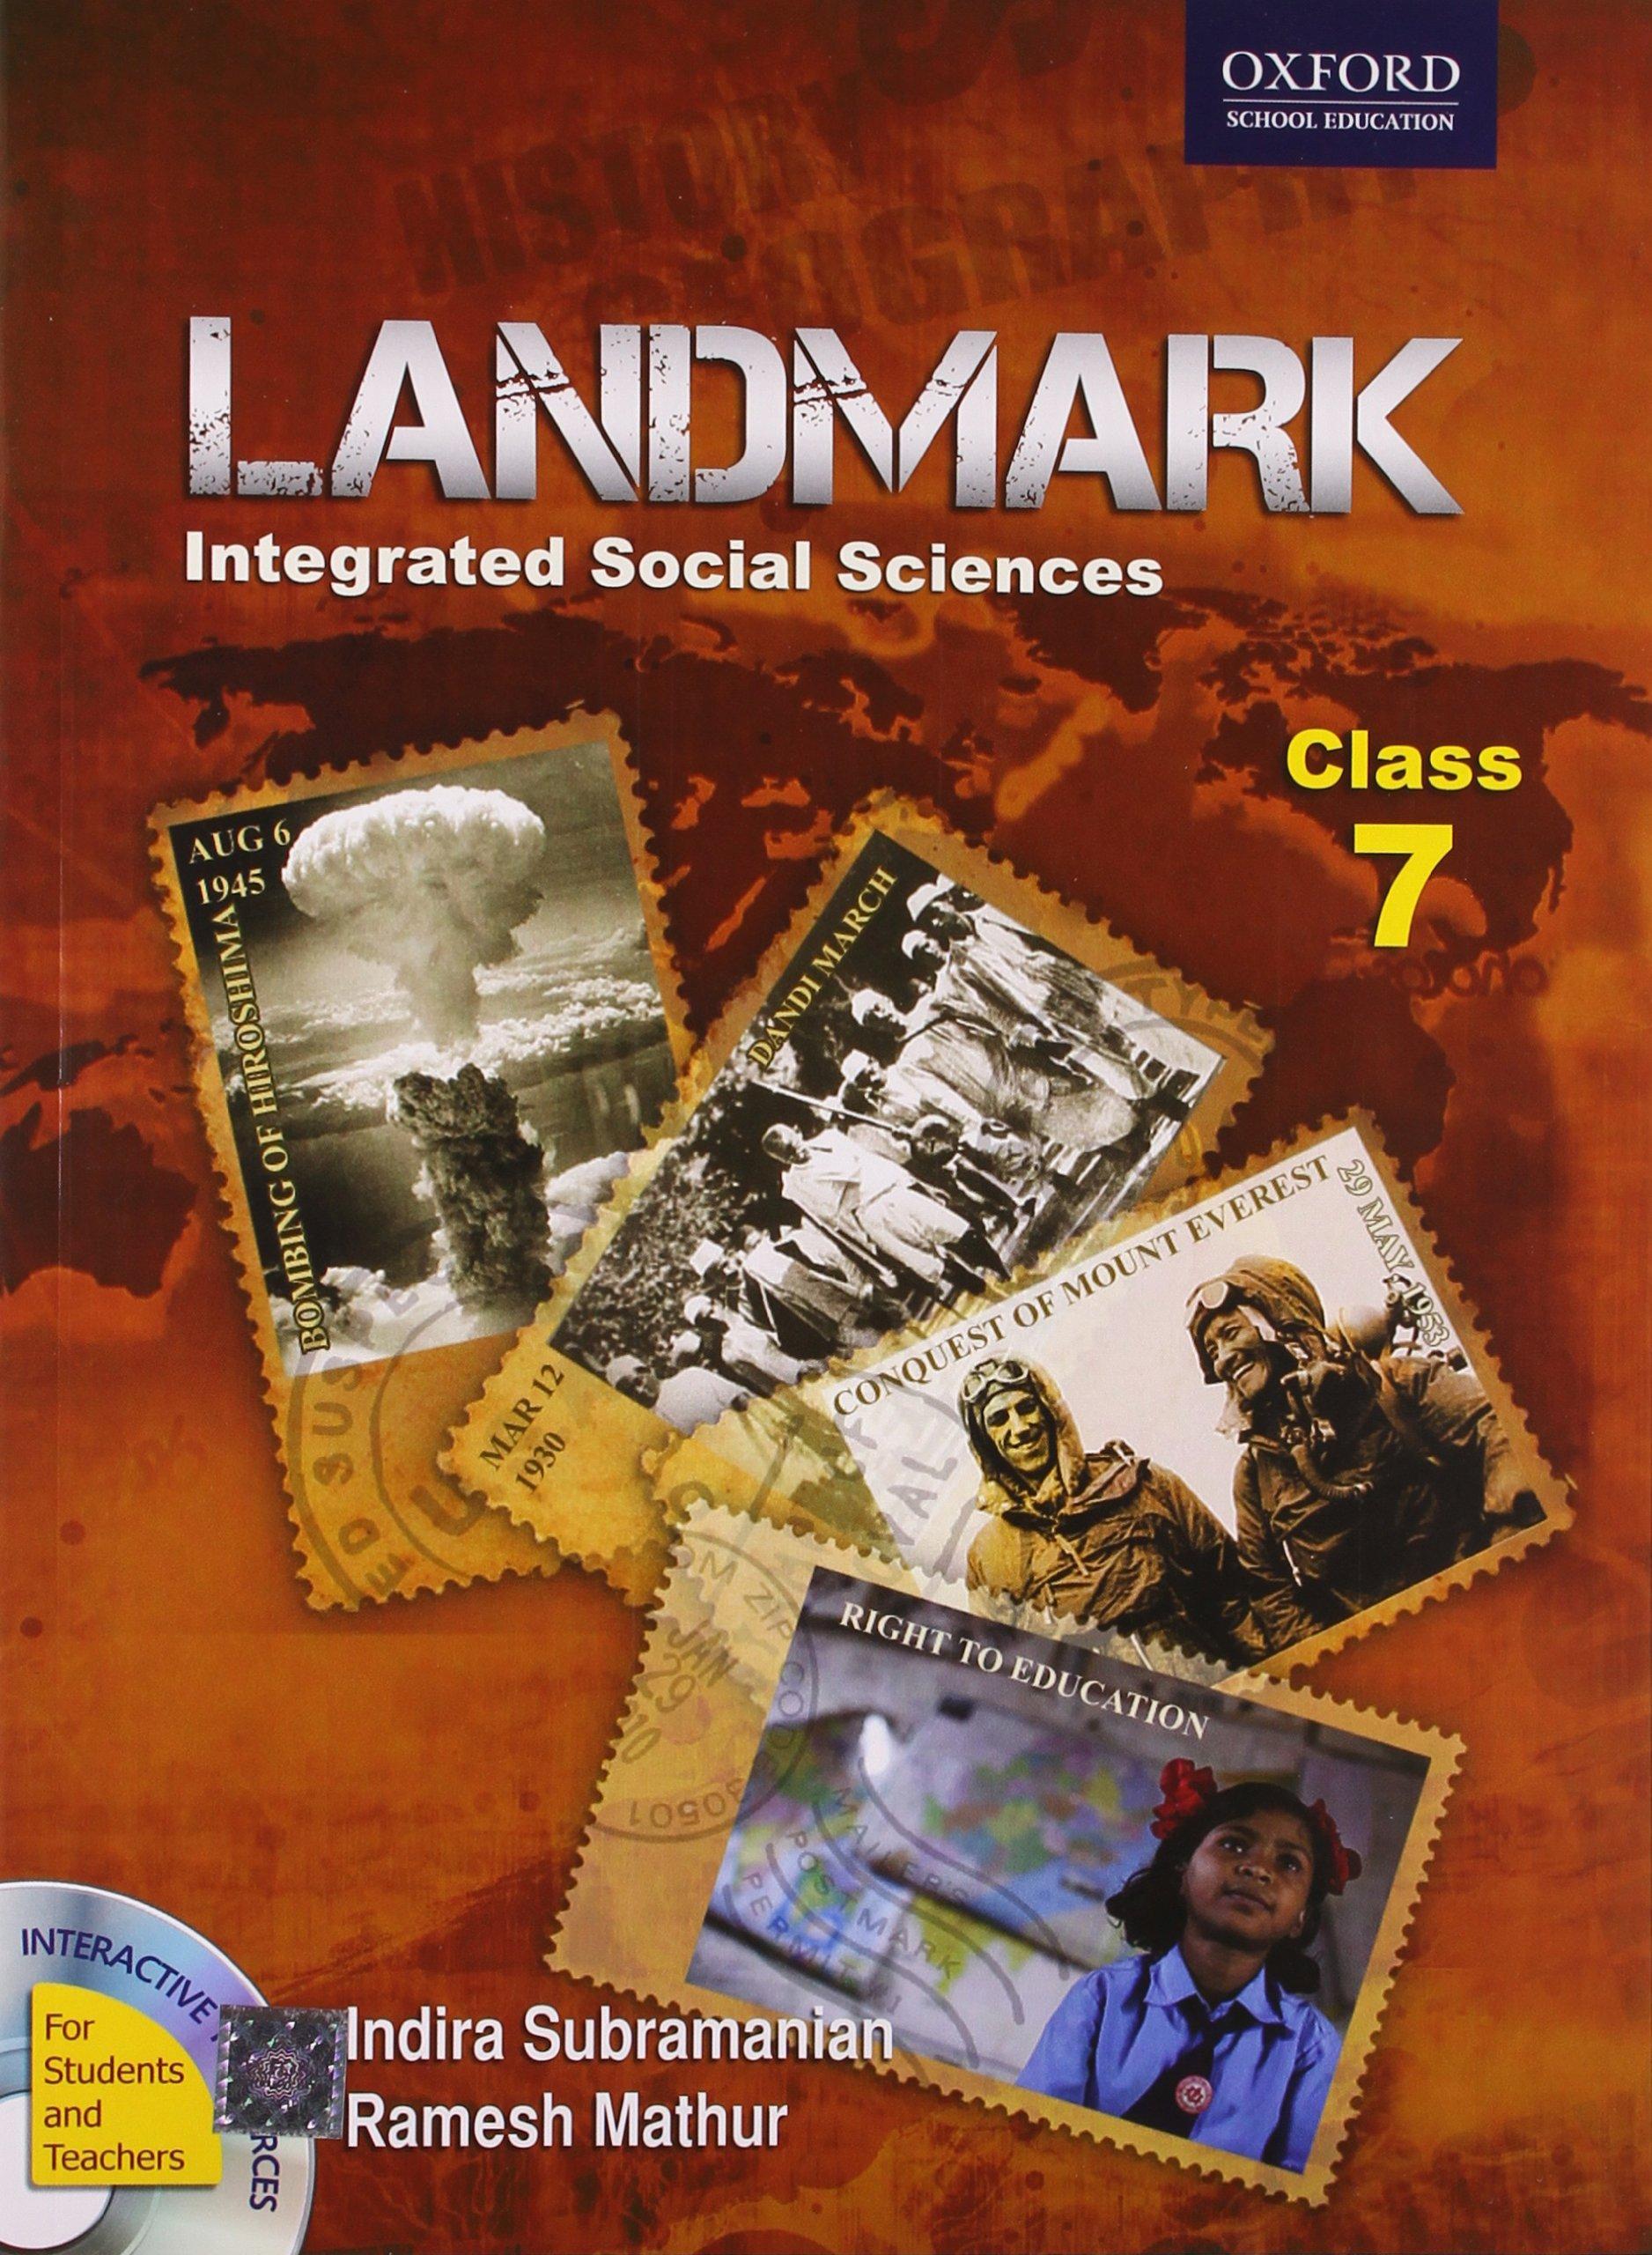 Buy Landmark Coursebook 7: Integrated Social Sciences Book